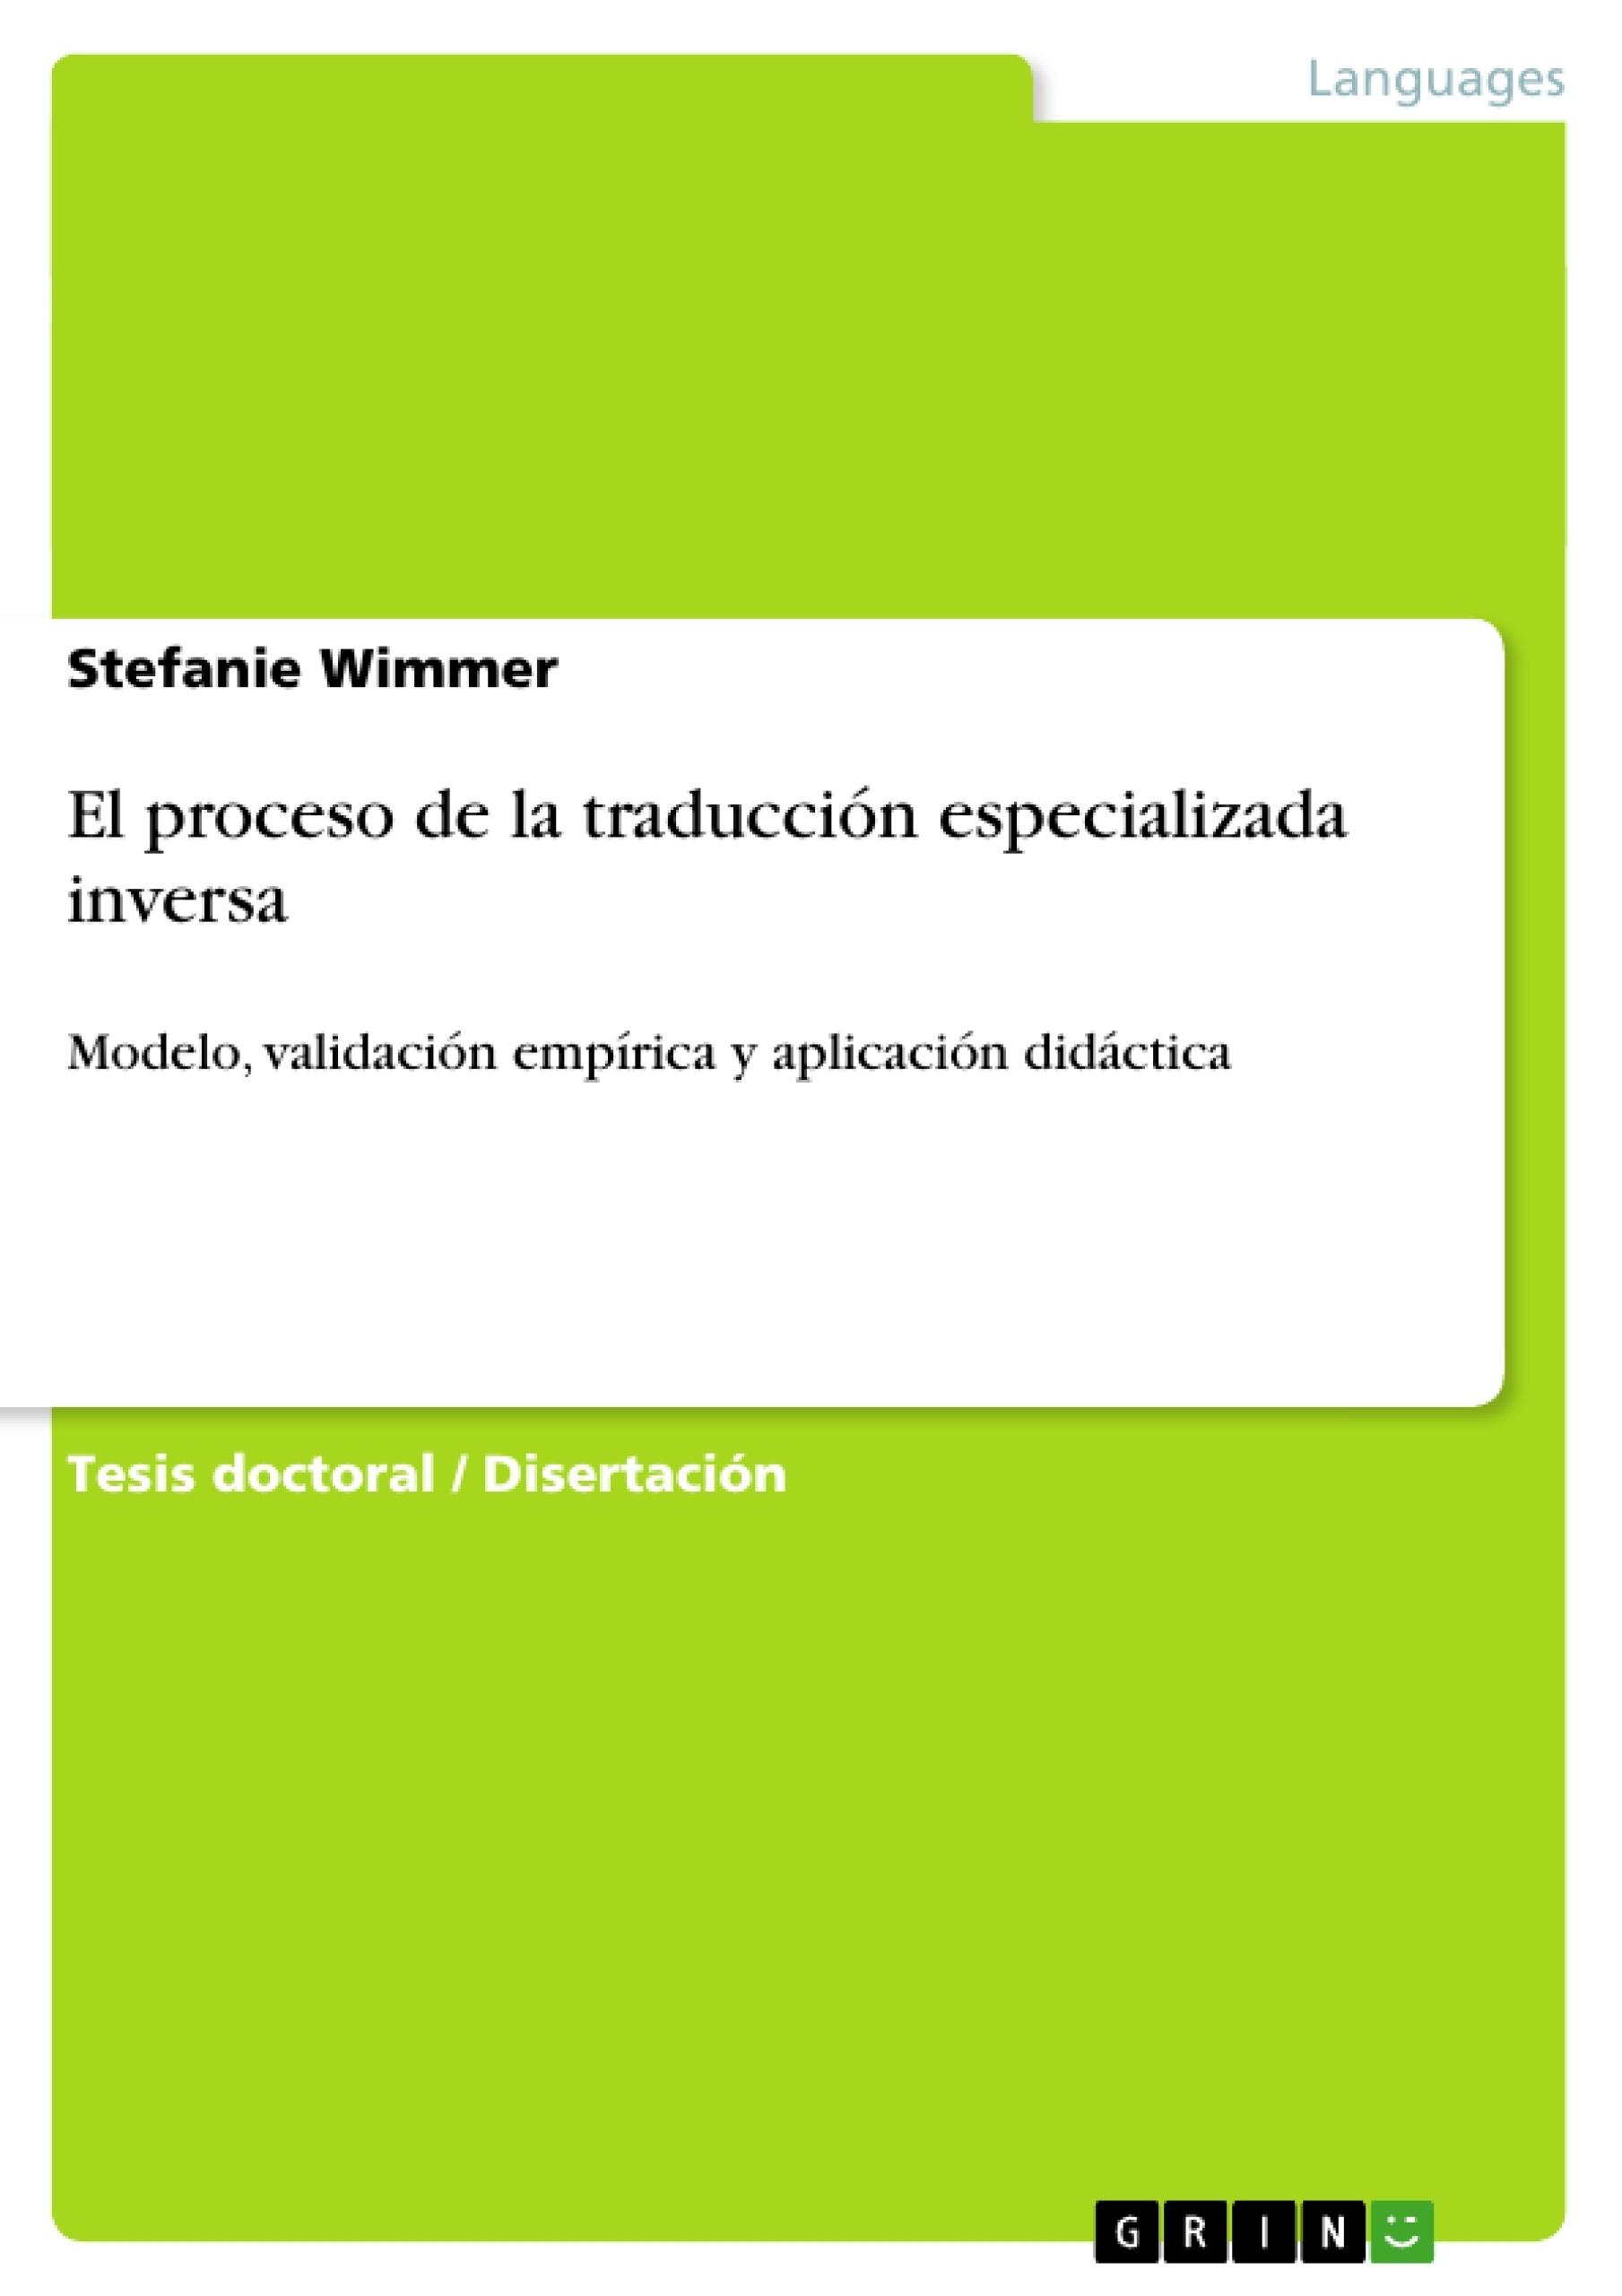 El proceso de la traducción especializada inversa | Publique su ...